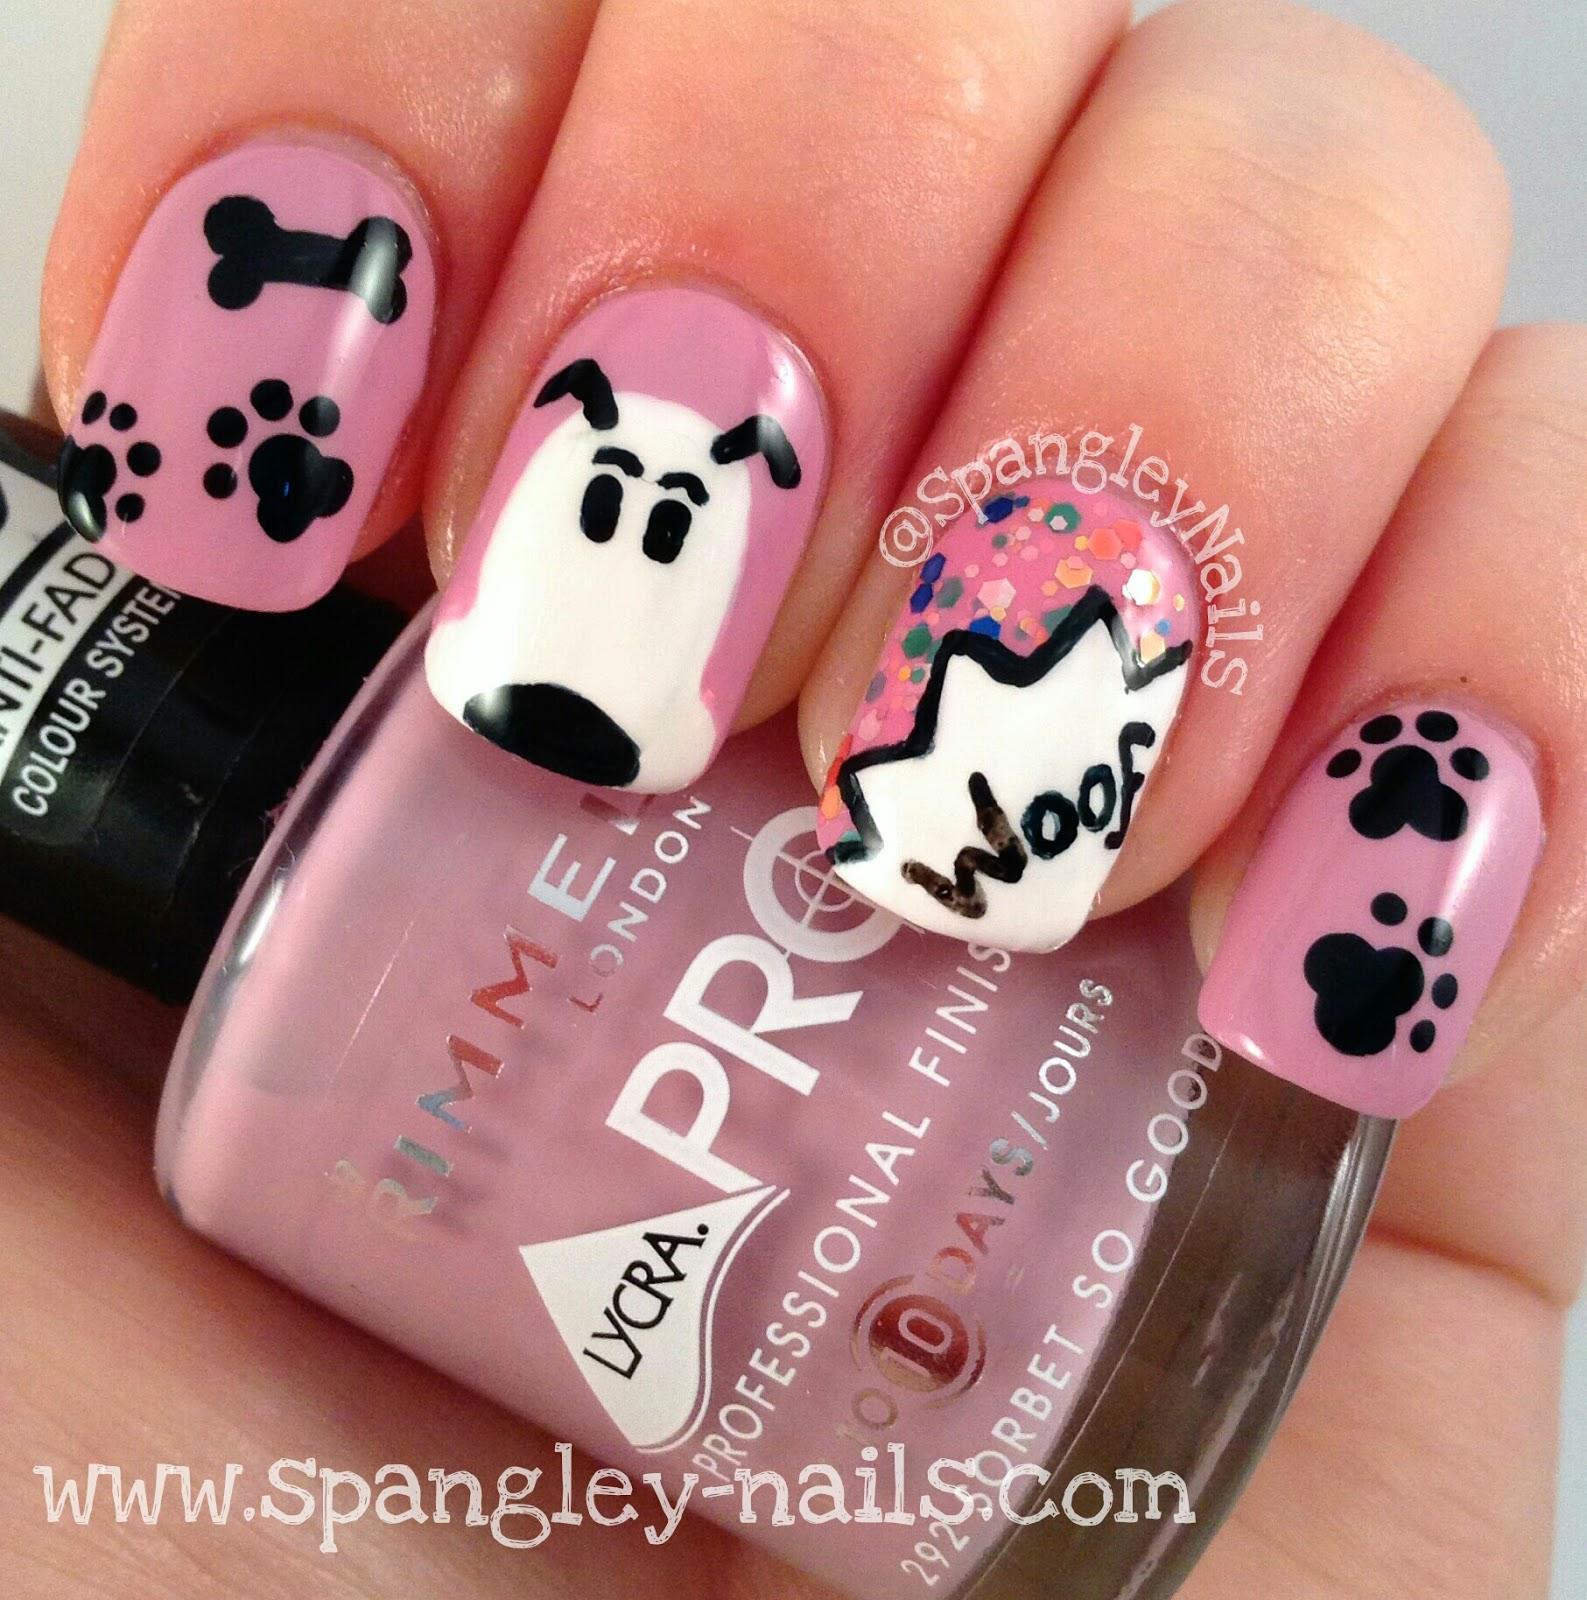 Spangley Nails | UK Nail Art Blog: Cartoon Dog Themed Nail Art